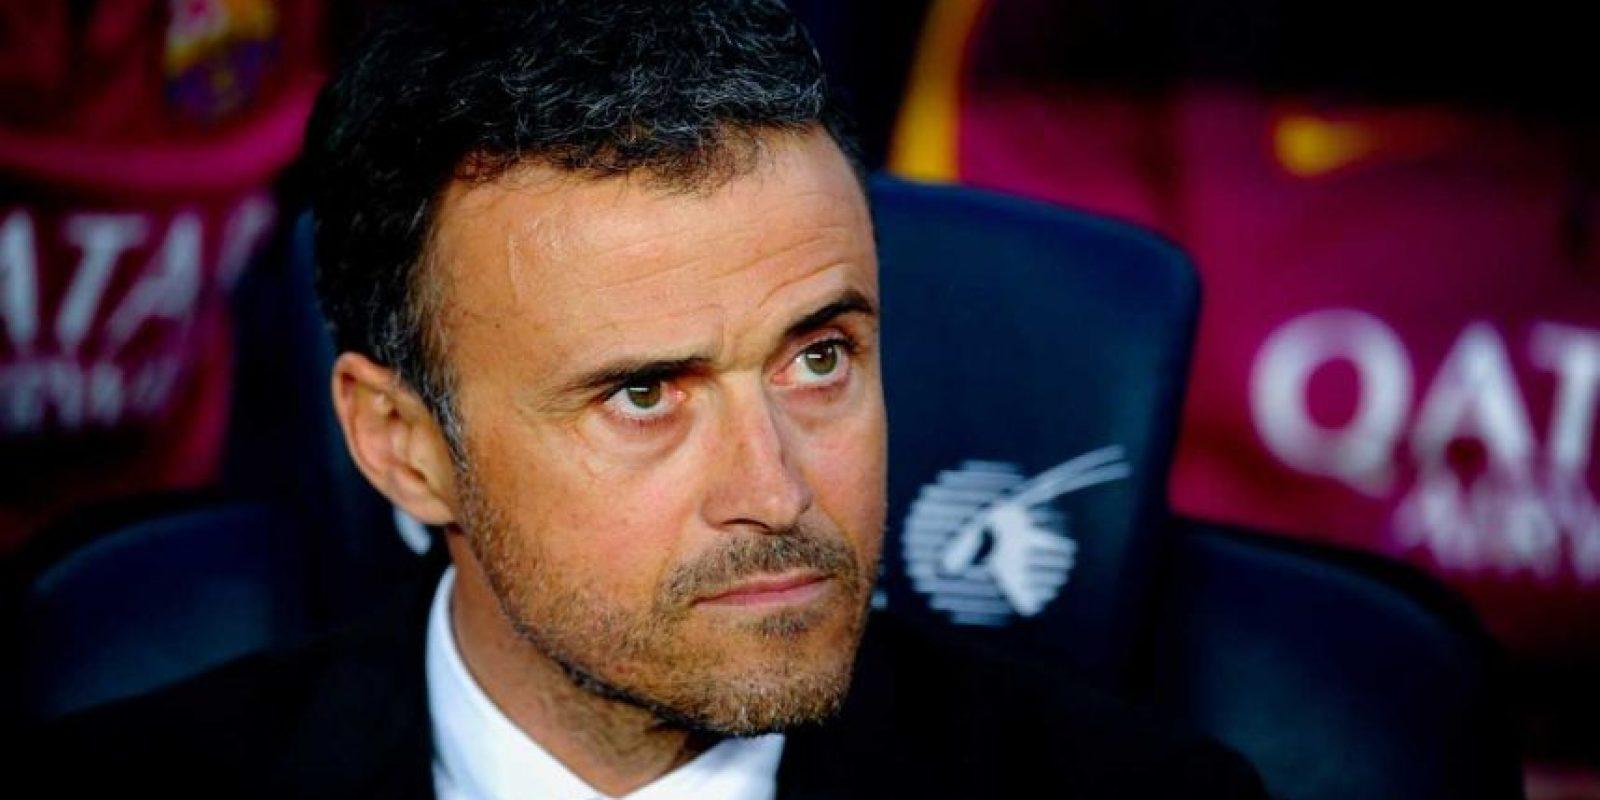 Muchos medios culparon a Luis Enrique de la eliminación de la Champions League al mandar a su equipo a especular, renunciando al estilo ofensivo que los caracterizaba. Foto:Getty Images